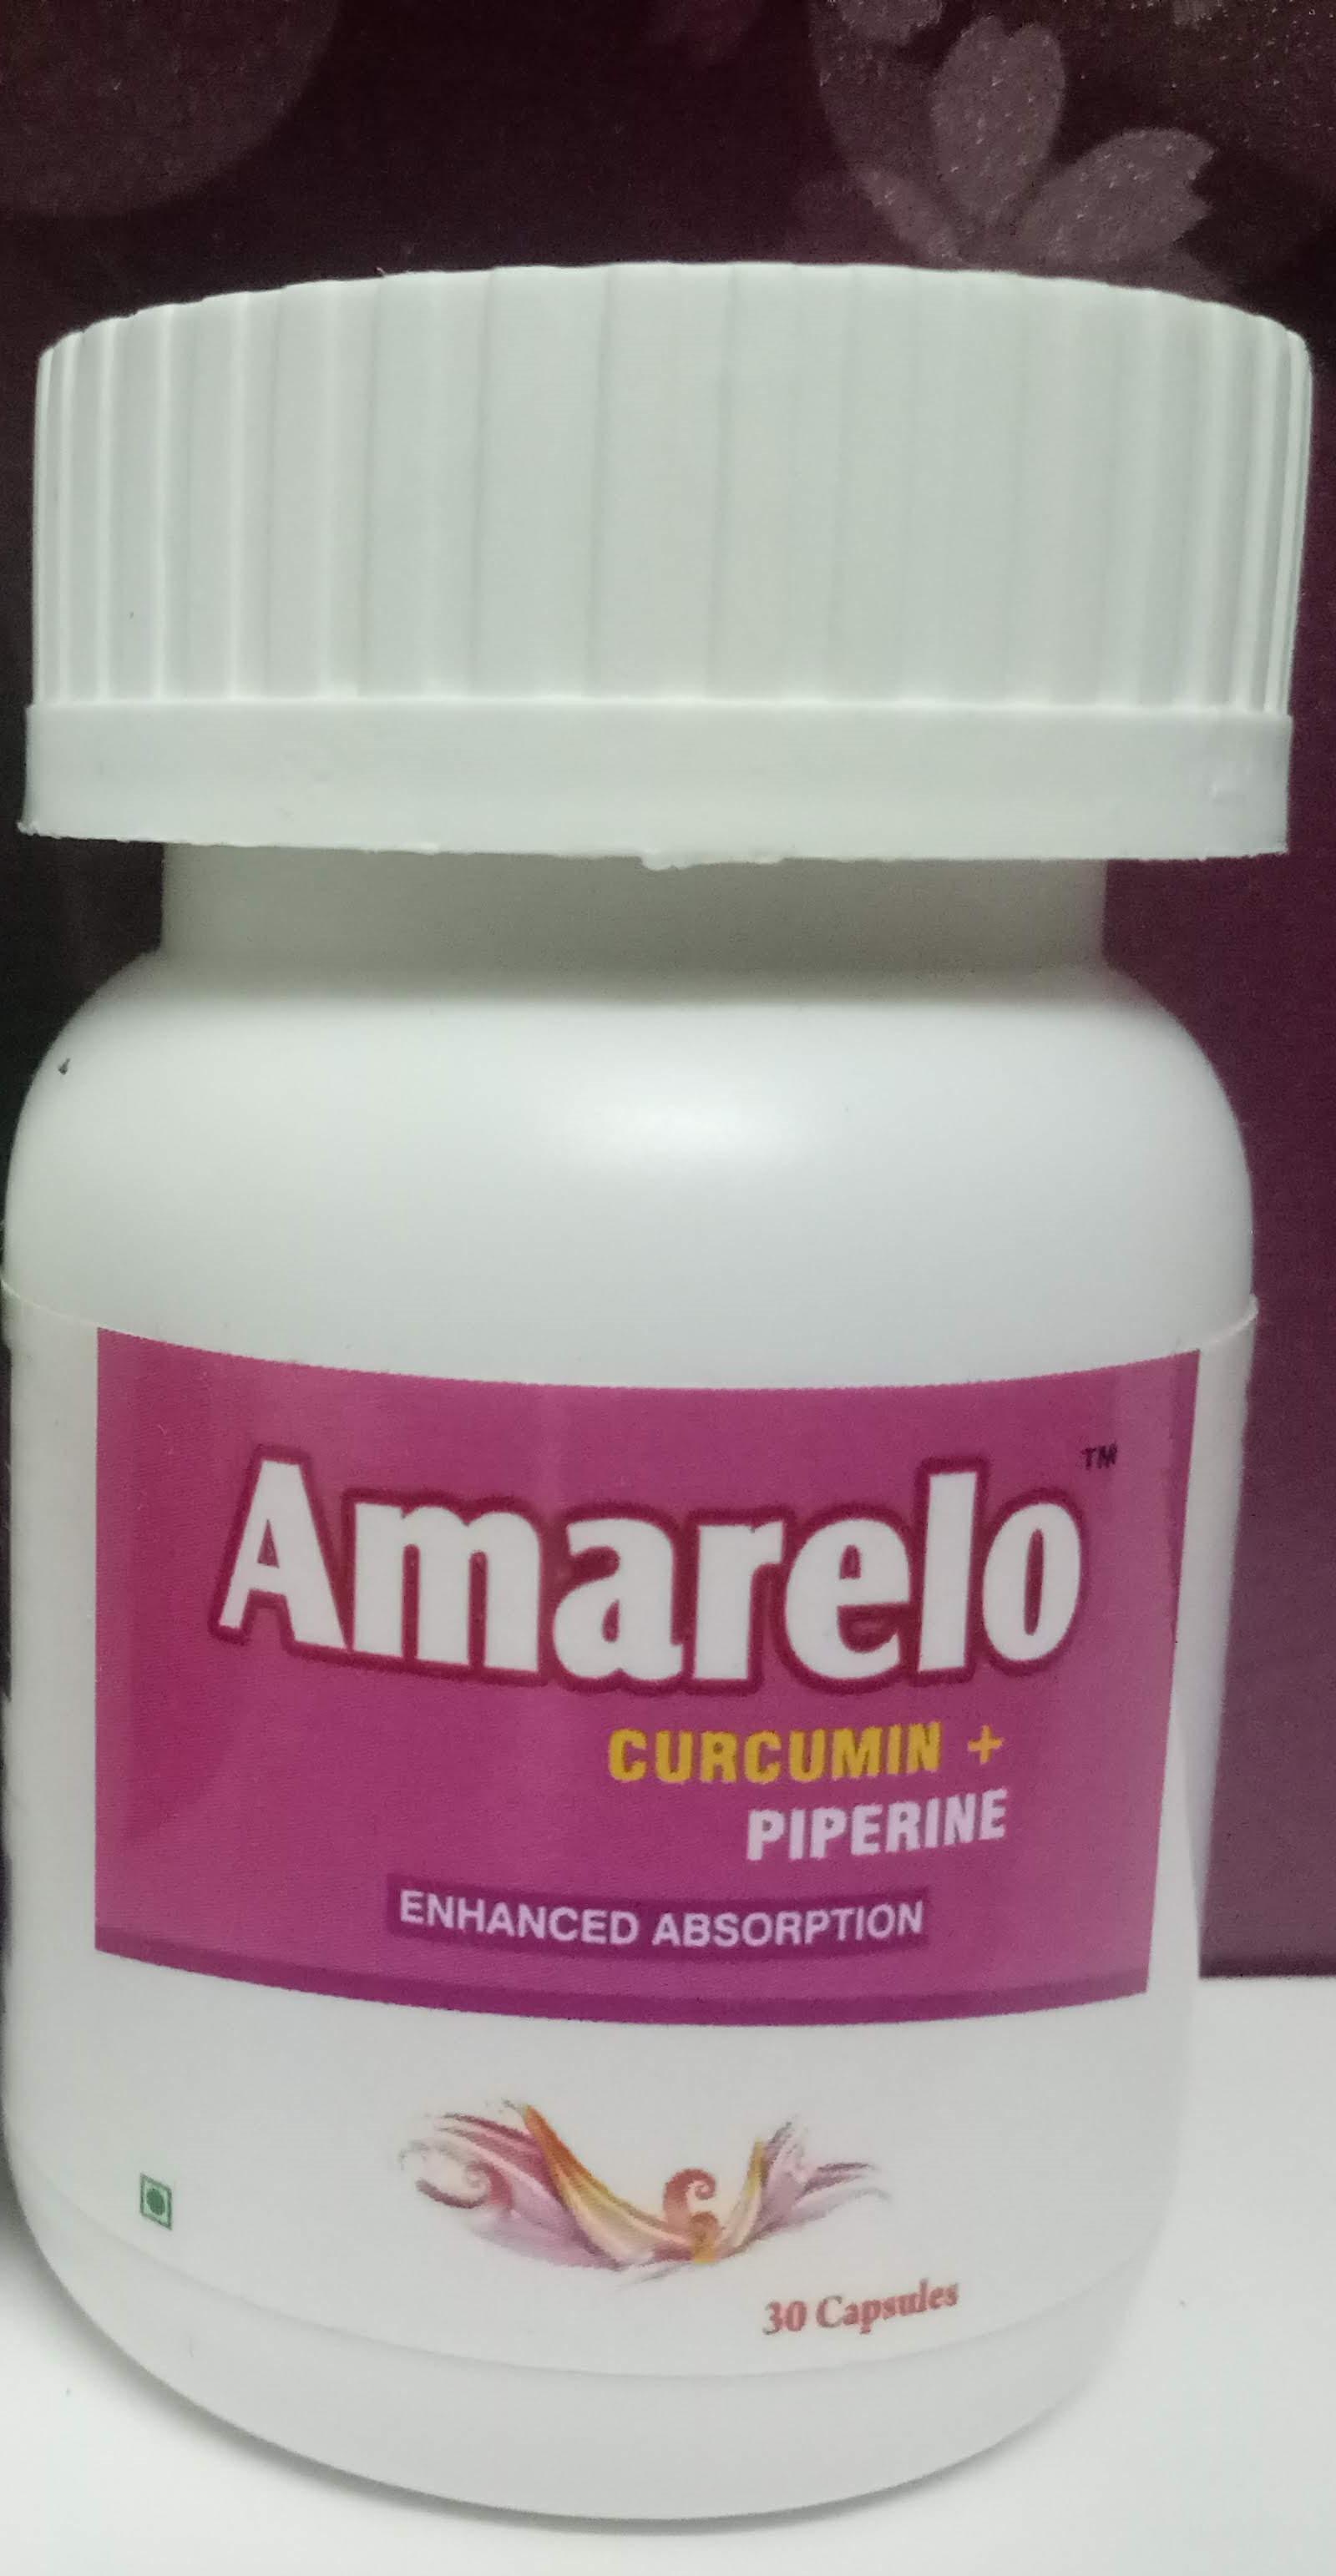 Curcumin + Piperine